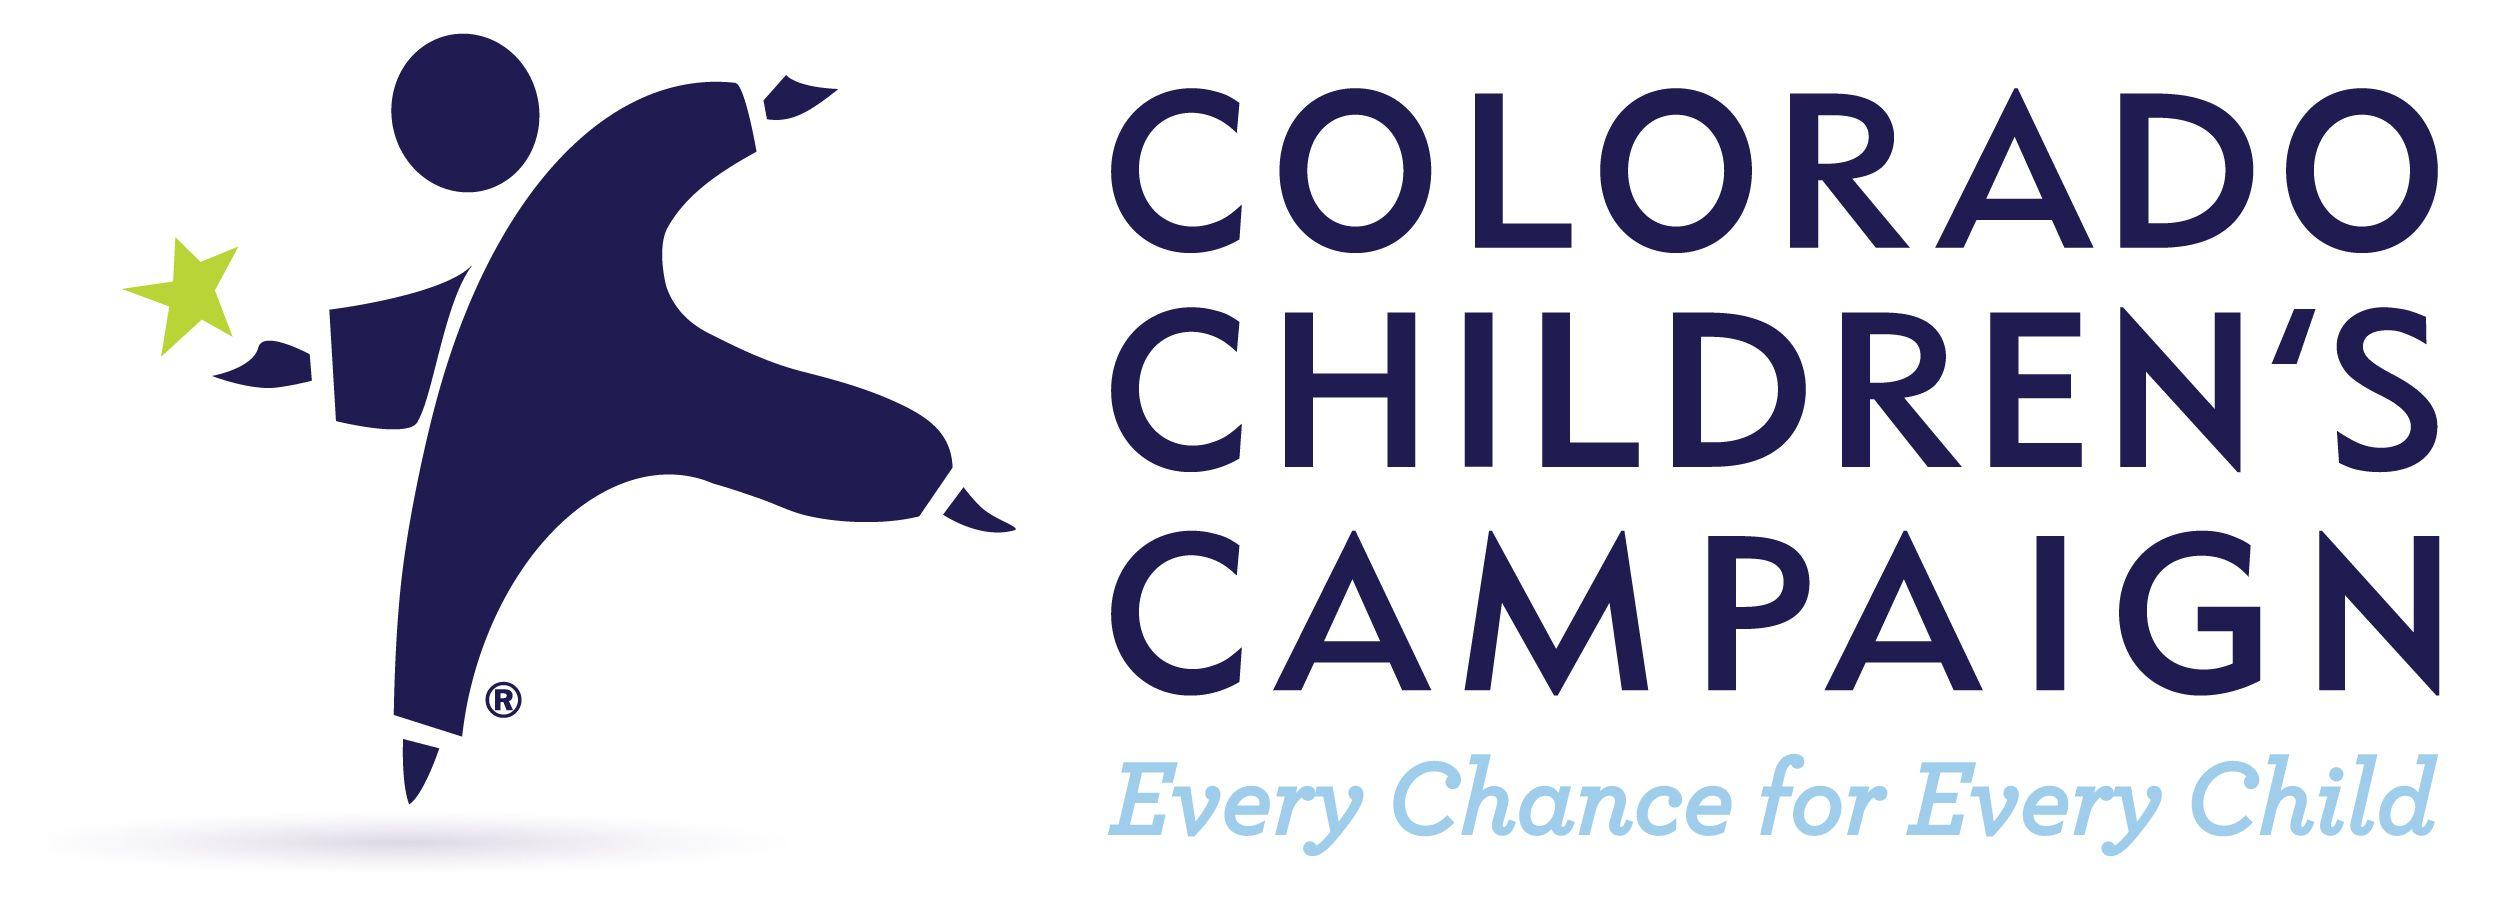 Colorado-Childrens-Campaign-Logo.jpg